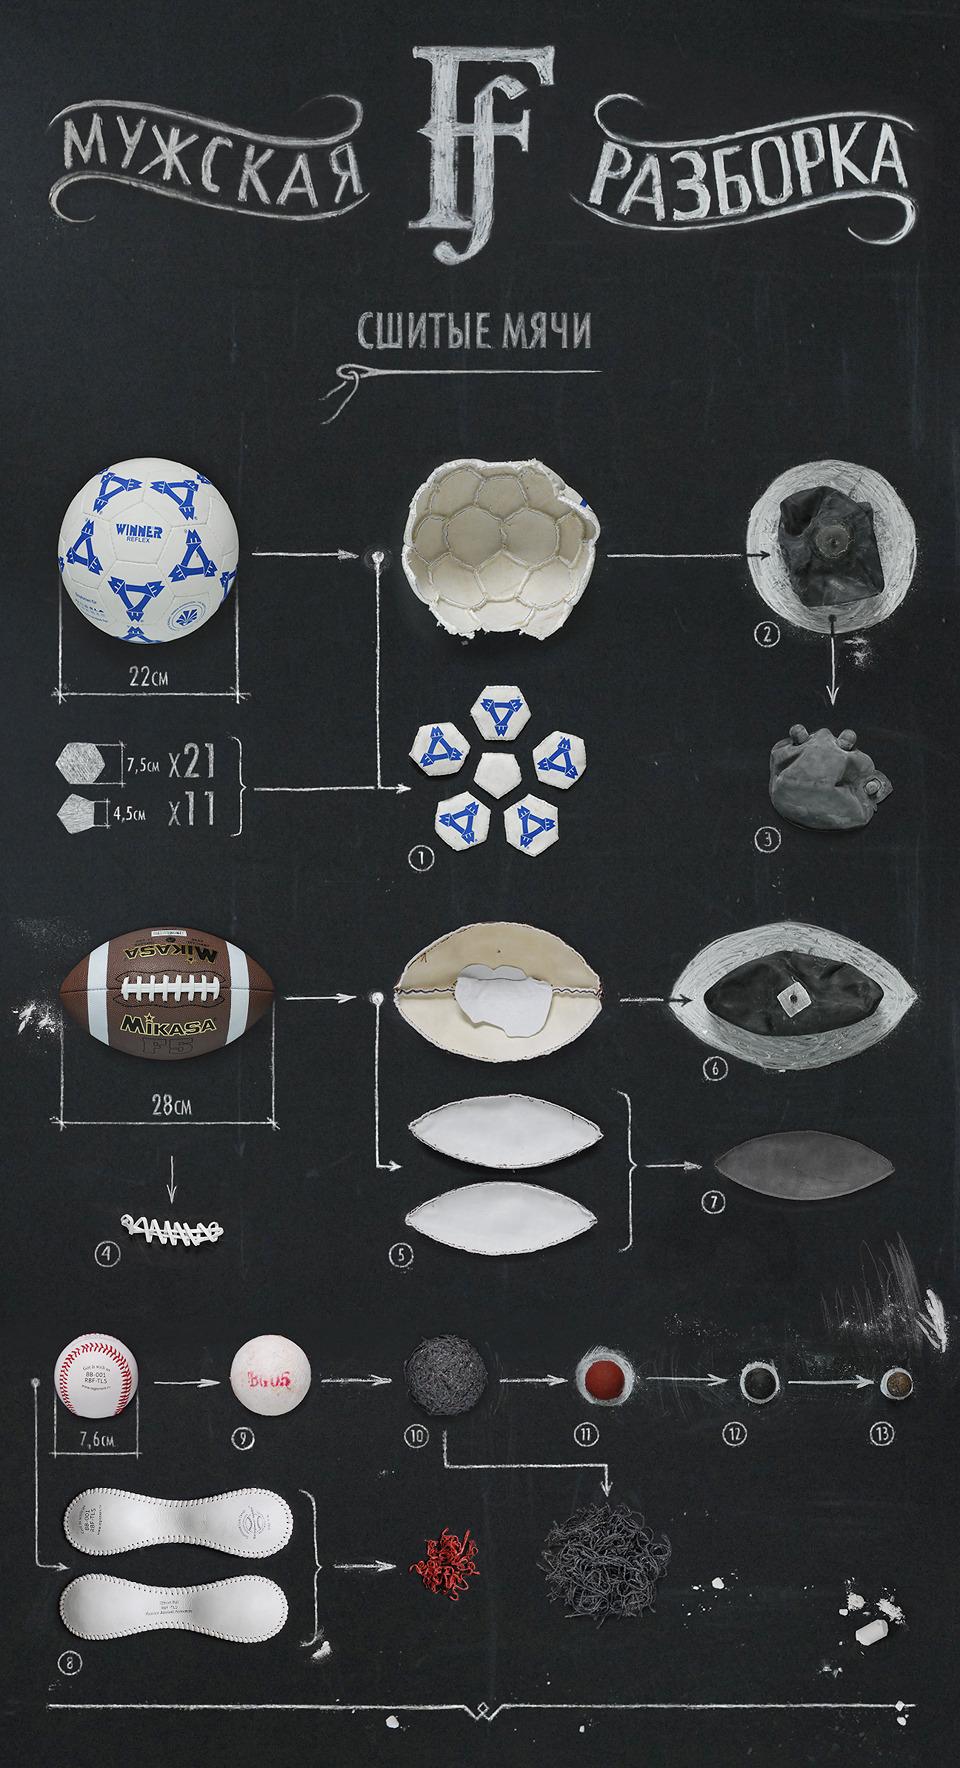 Мужская разборка: Из чего состоят сшитые мячи. Изображение №1.